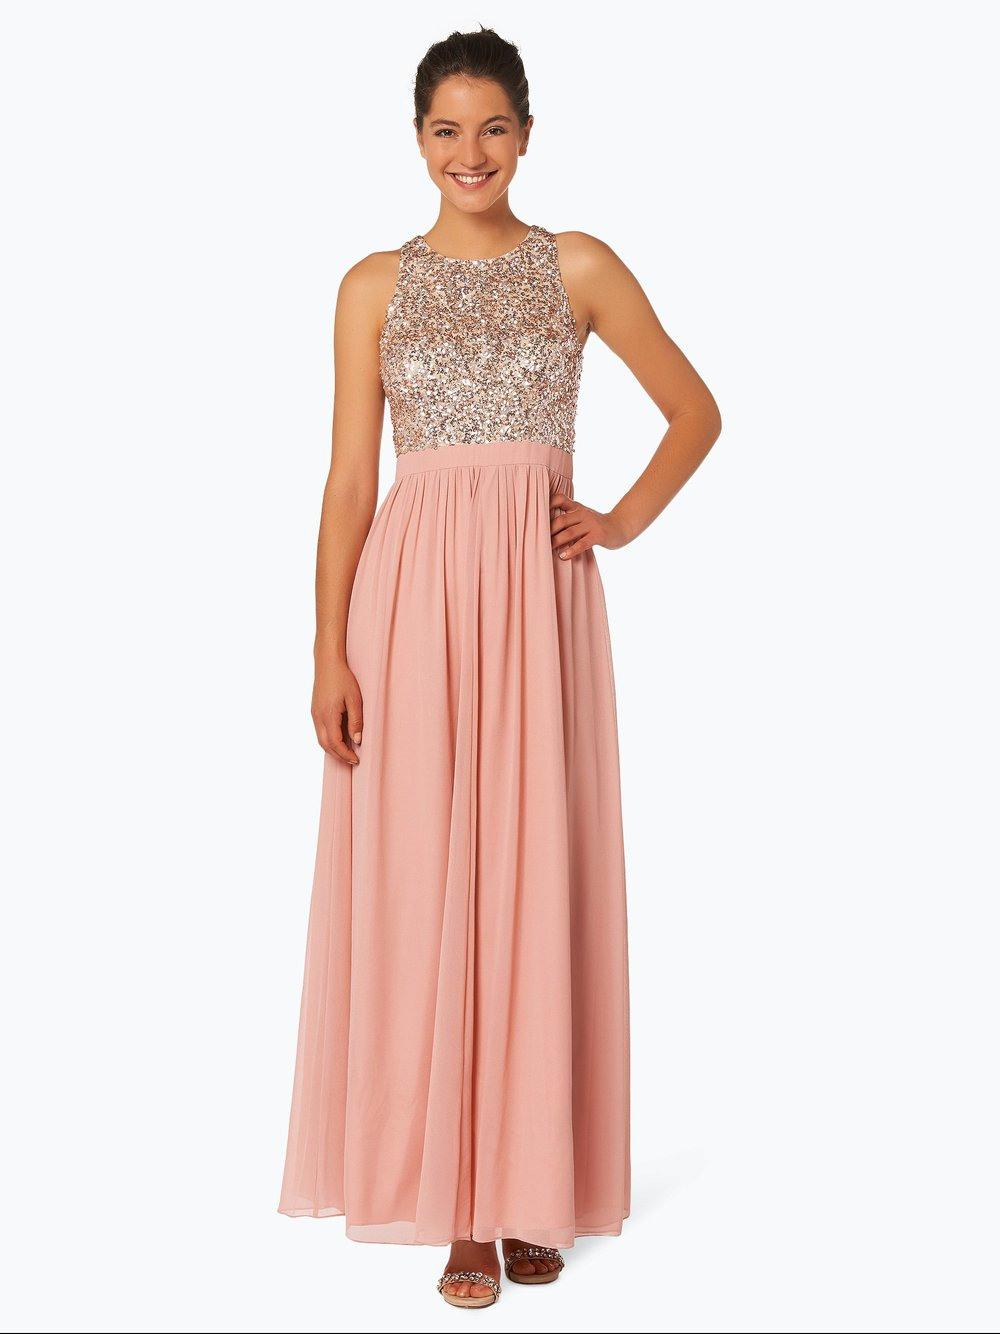 Wunderbar Marie Lund Abendkleid Bester Preis Luxurius Marie Lund Abendkleid Boutique